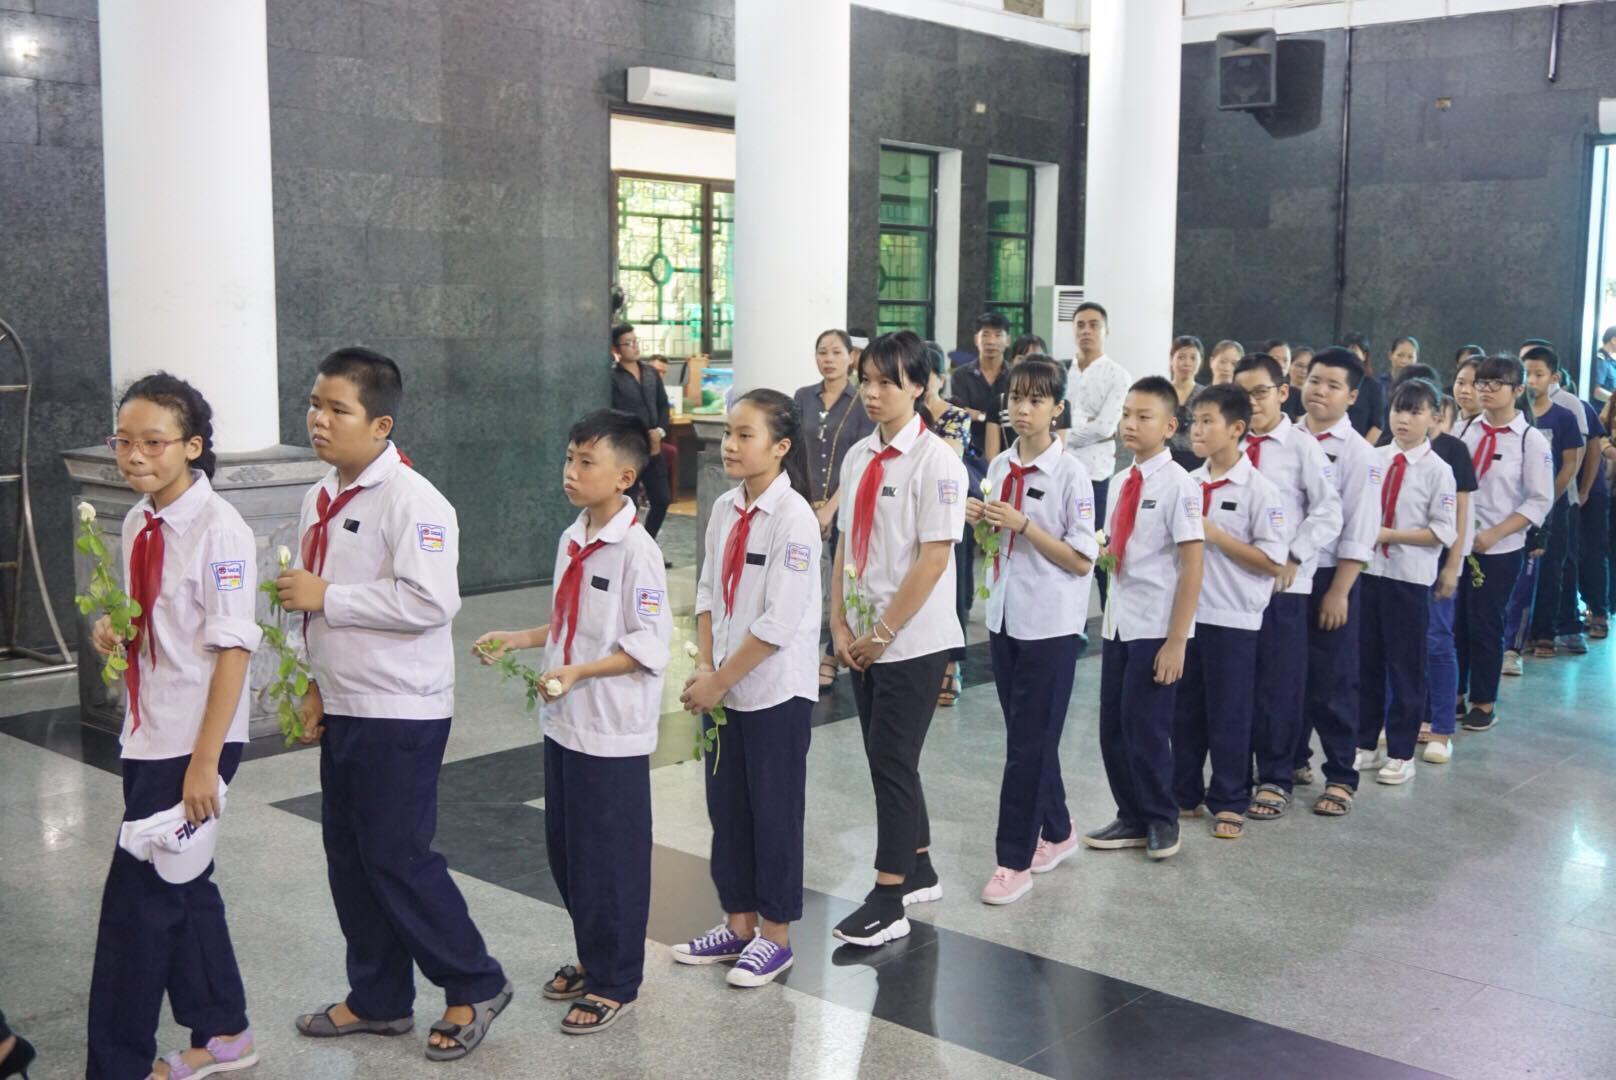 Tập thể lớp nơi Vân Nhi theo học cũng có mặt chia buồn cùng gia đình Vân Nhi